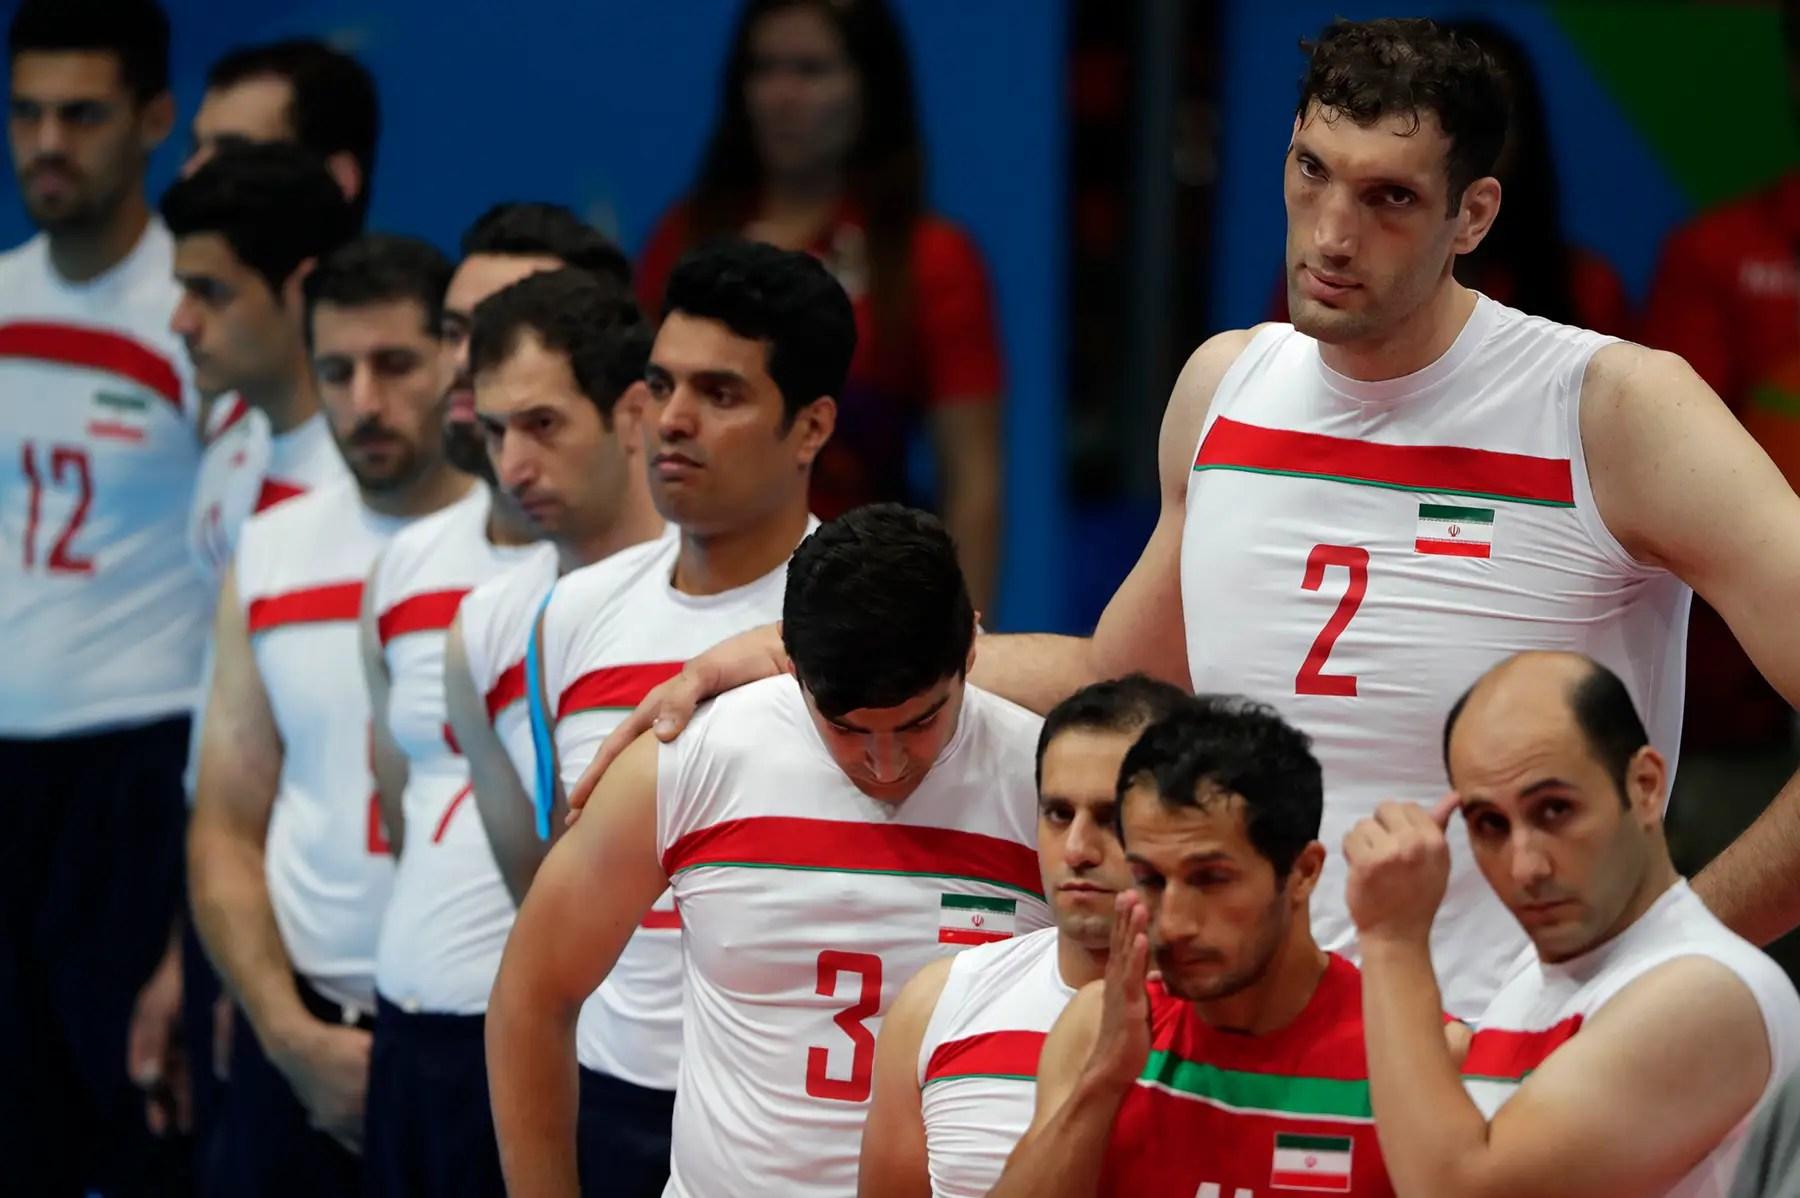 Los miembros del equipo de voleibol de estar Equipo de Irán observan un minuto de silencio por el ciclista iraní Bahman Sarafraz Golbarnezhad que murió de un ataque al corazón después de un accidente en los Juegos Paralímpicos de Río.